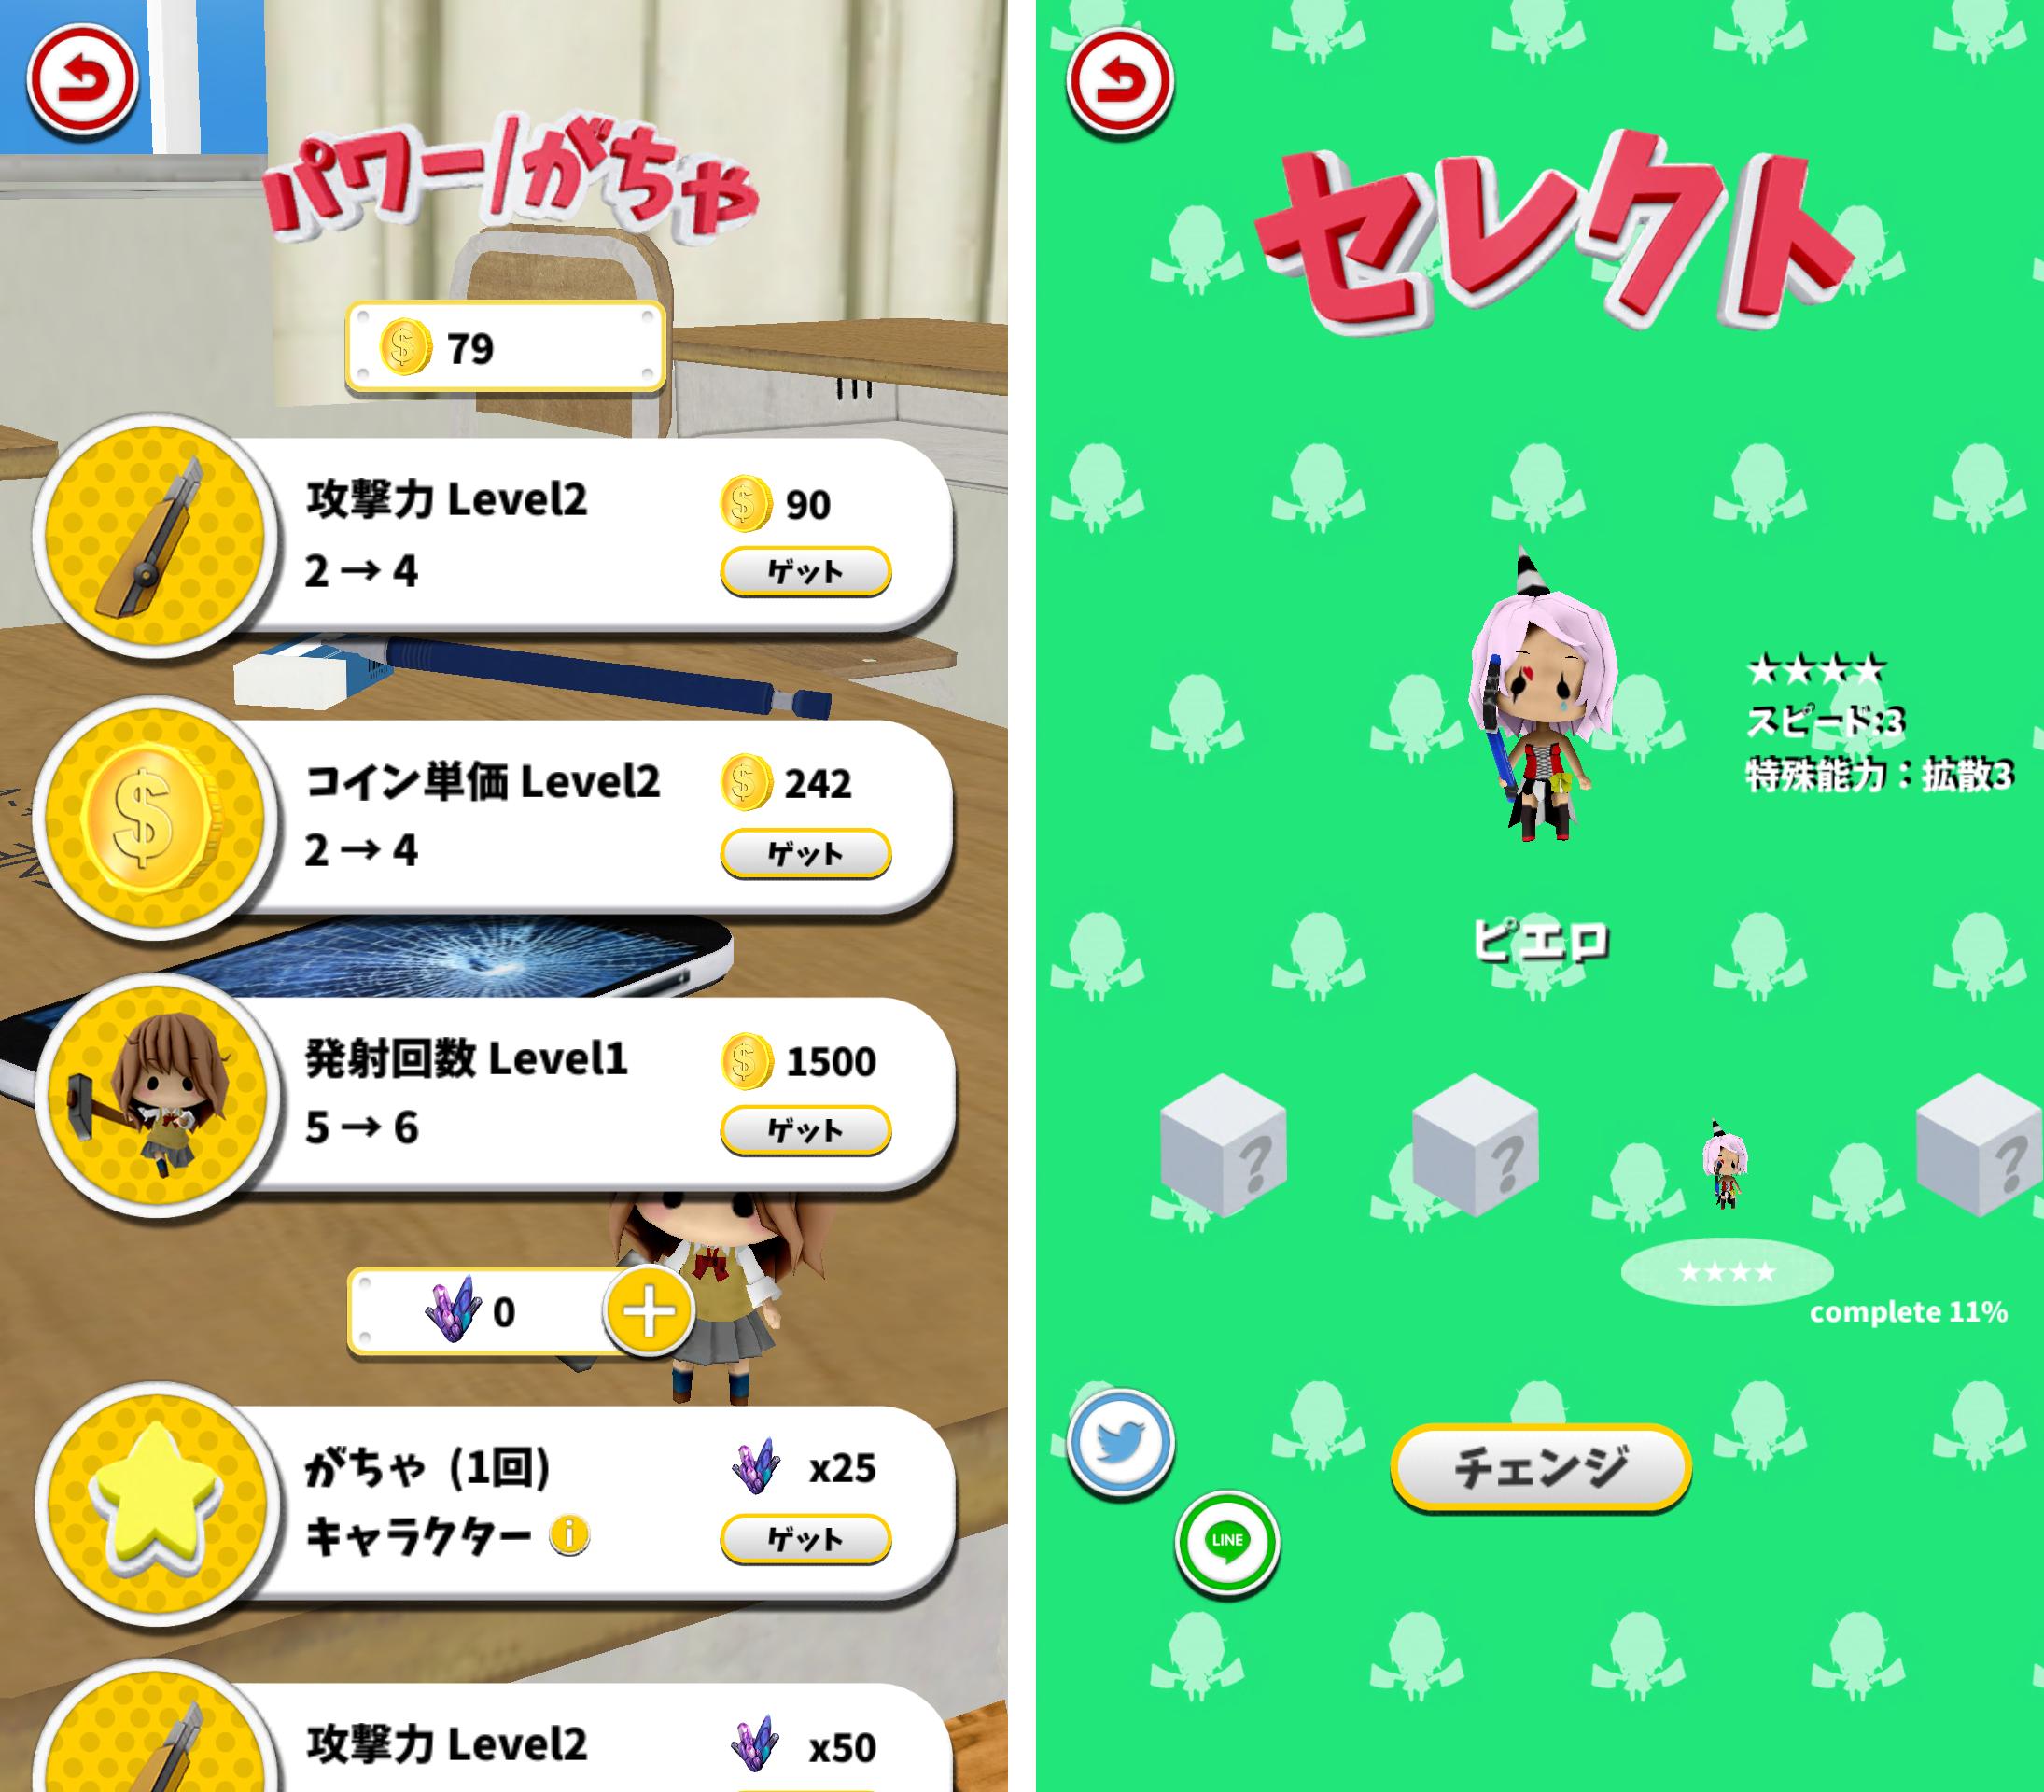 なほちゃん【あなたを死んでも許さない】 androidアプリスクリーンショット3